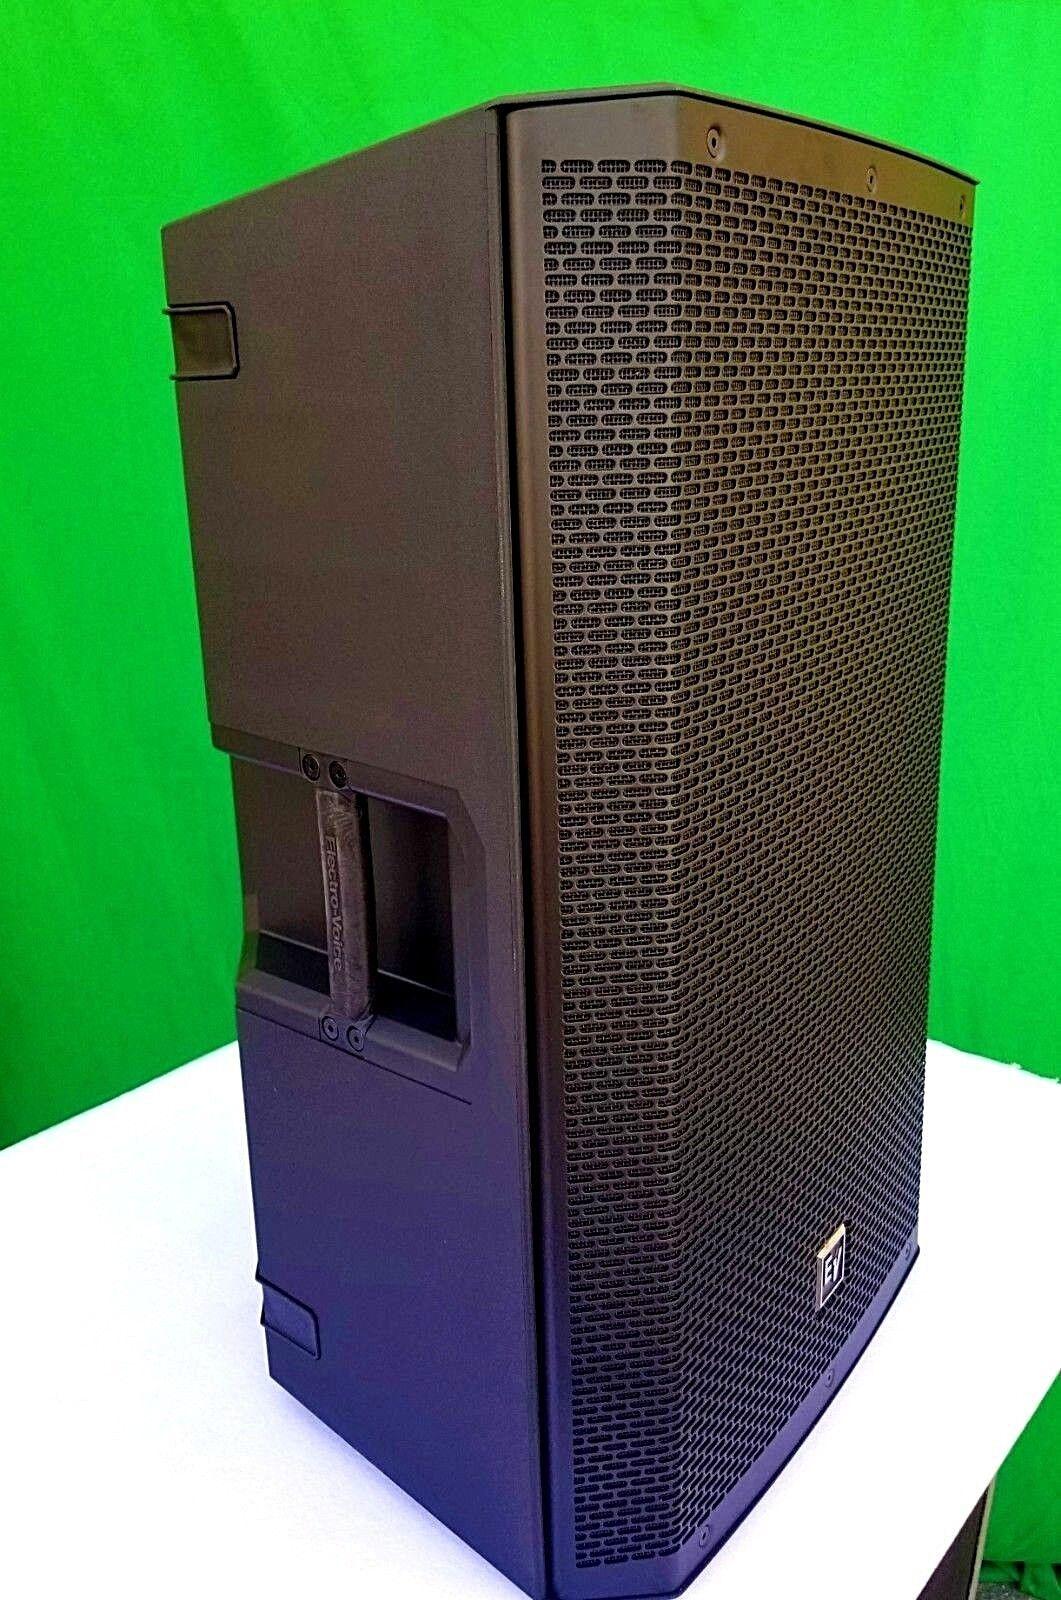 Electro-Voice Zlx 15  altavoz pasivo (uno) (uno) (uno)  marca